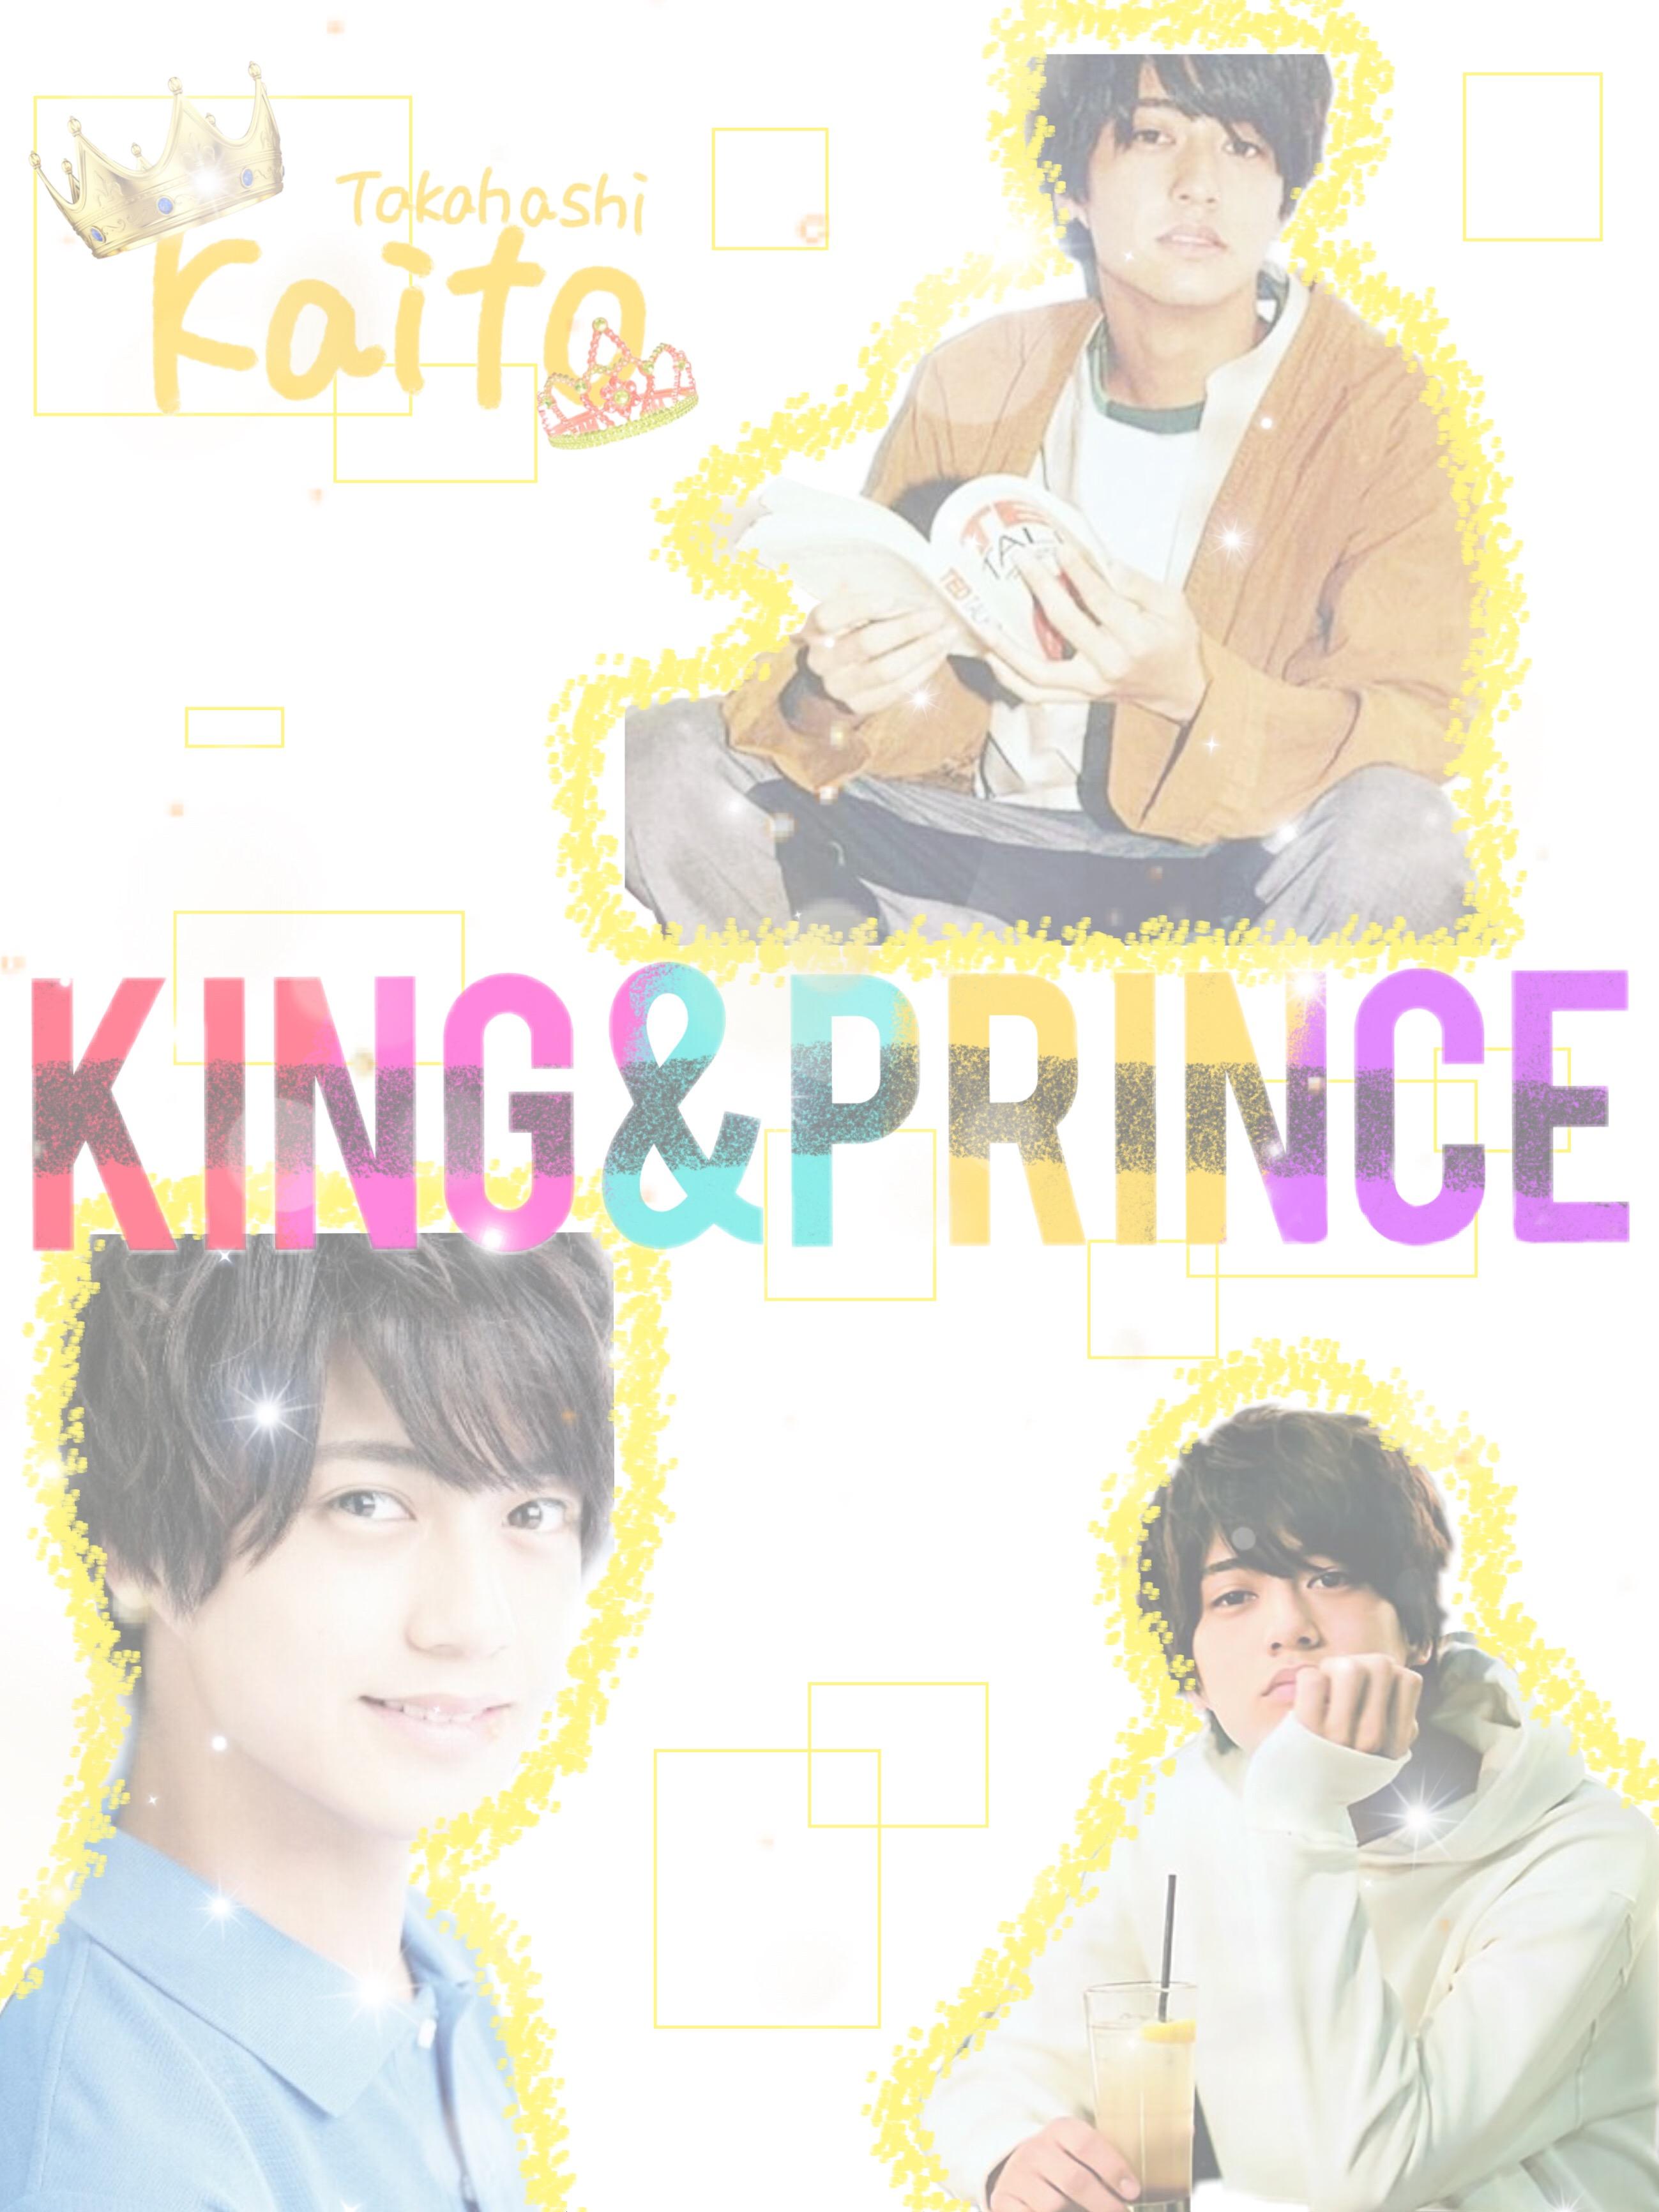 Freetoedit 壁紙 髙橋海人 キンプリ King Prince King Prince